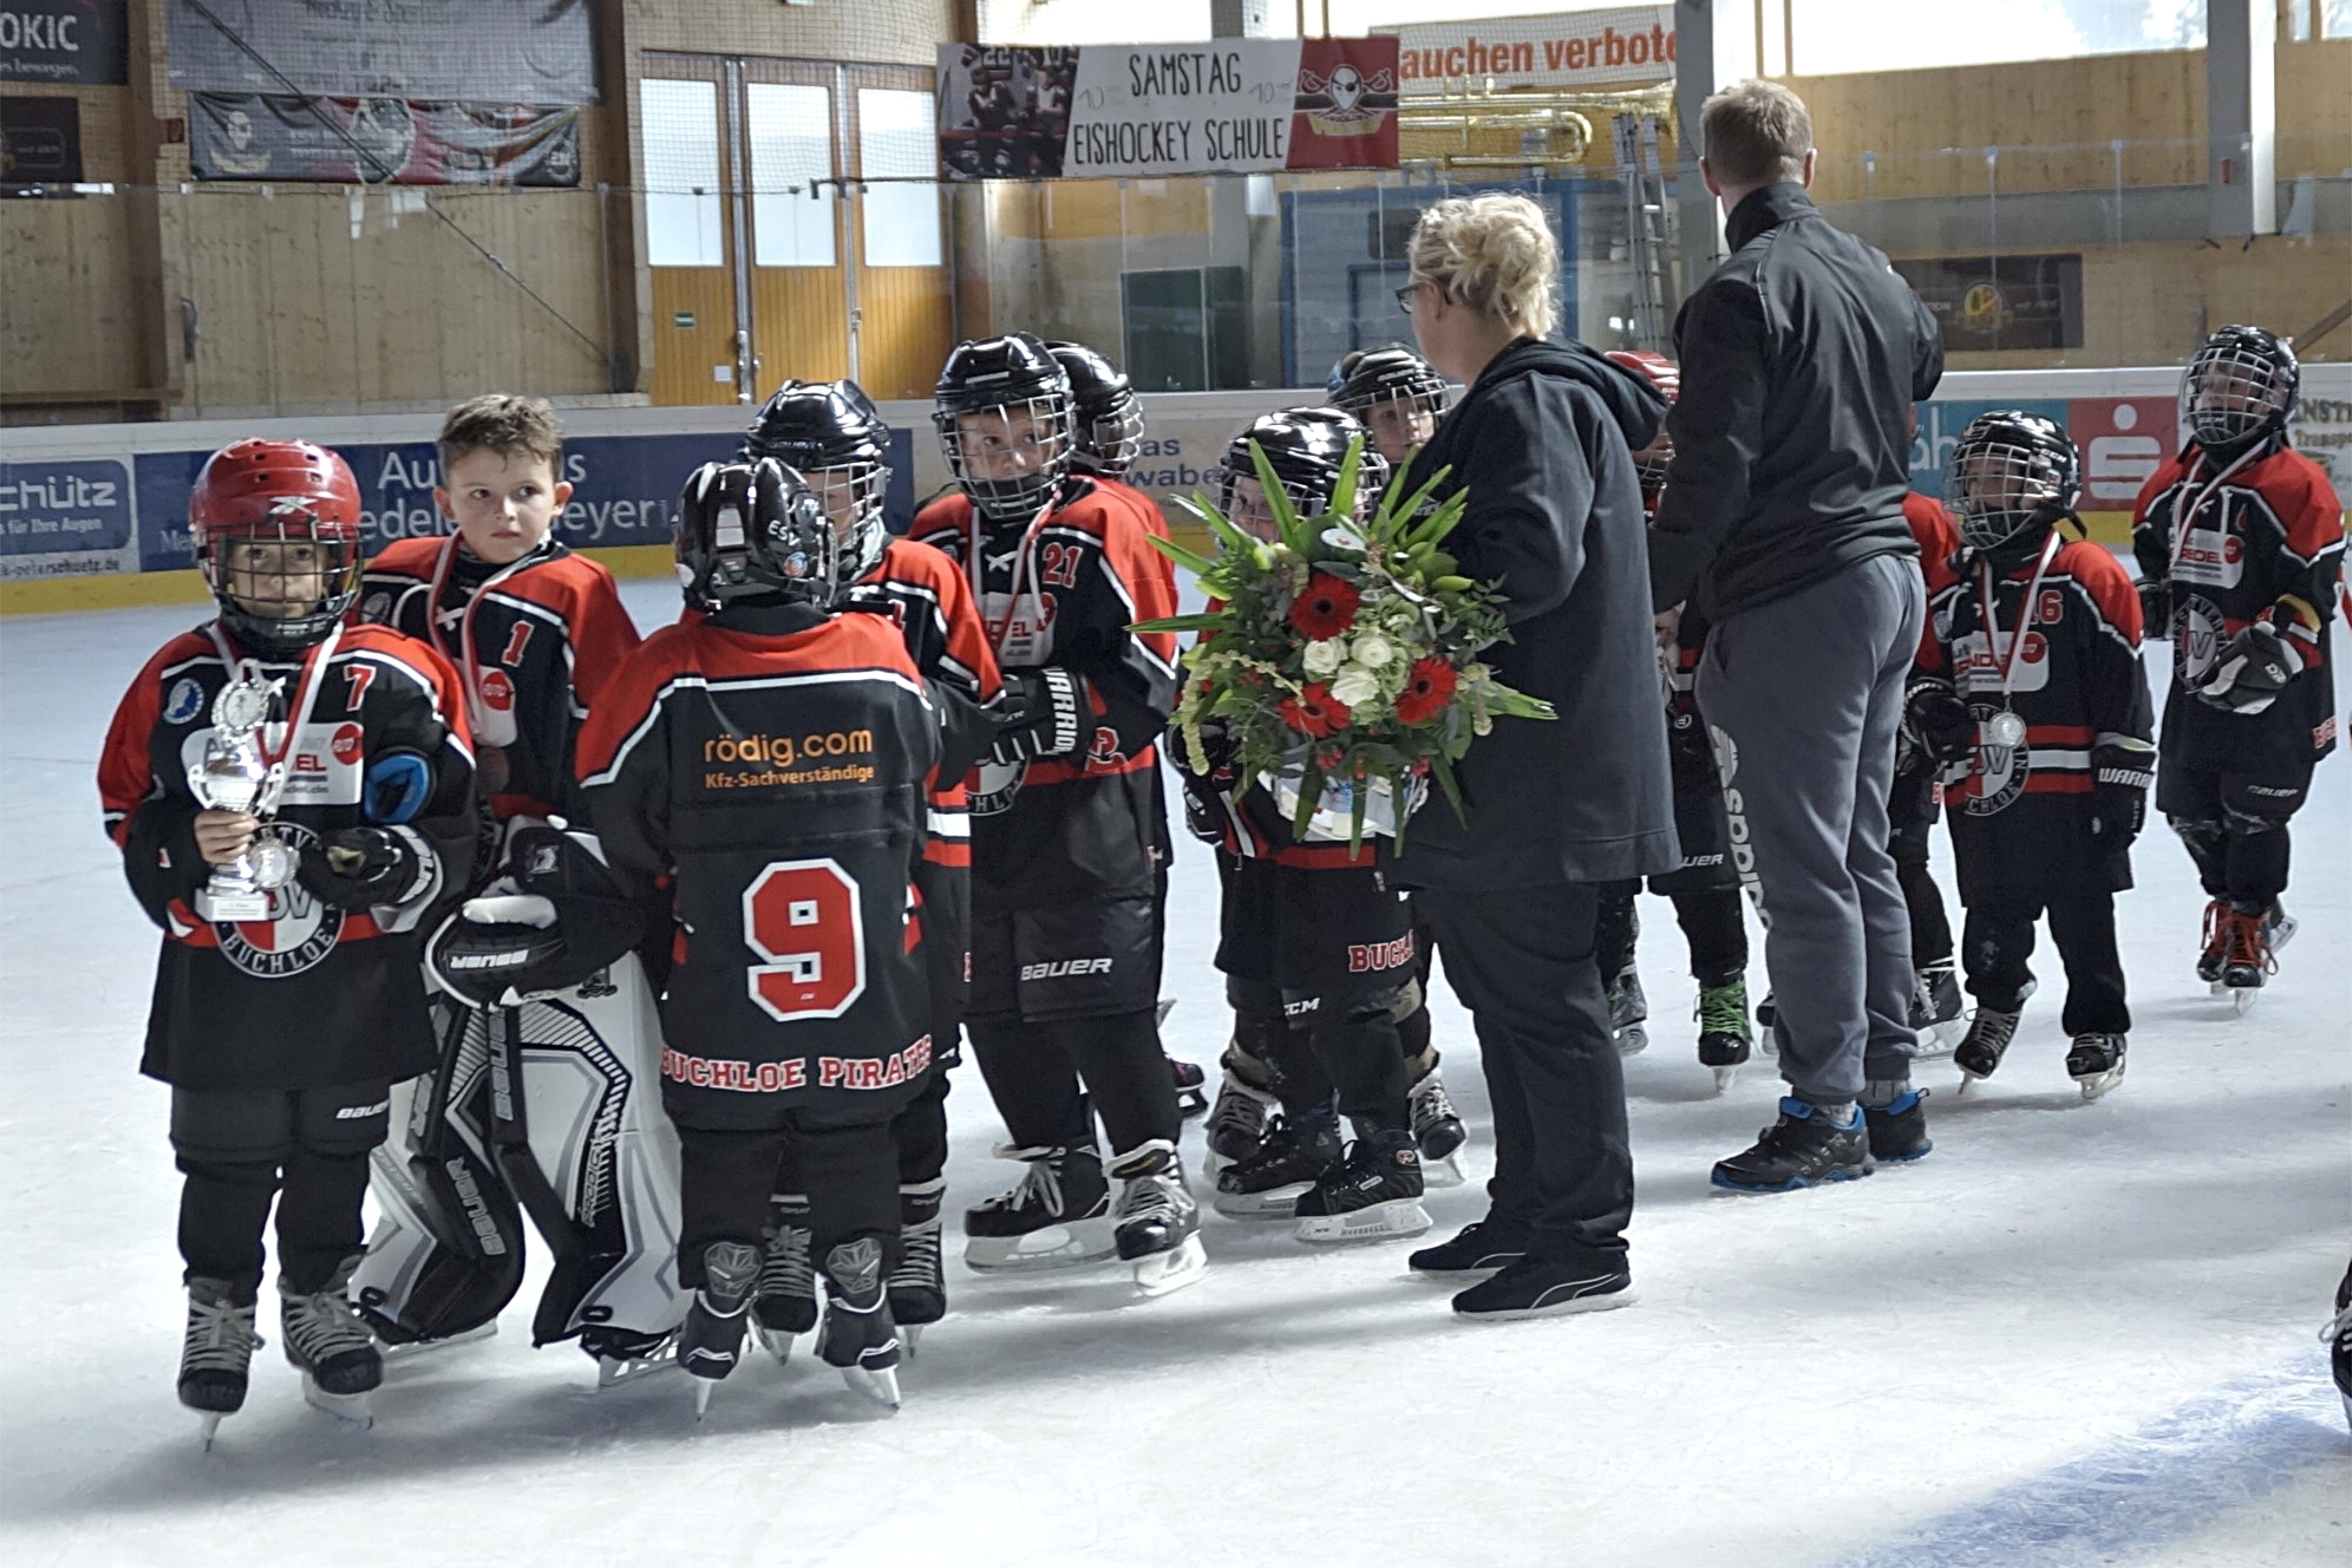 Zweites Helmut Streit Gedächtnis-Turnier 16.09 (32)